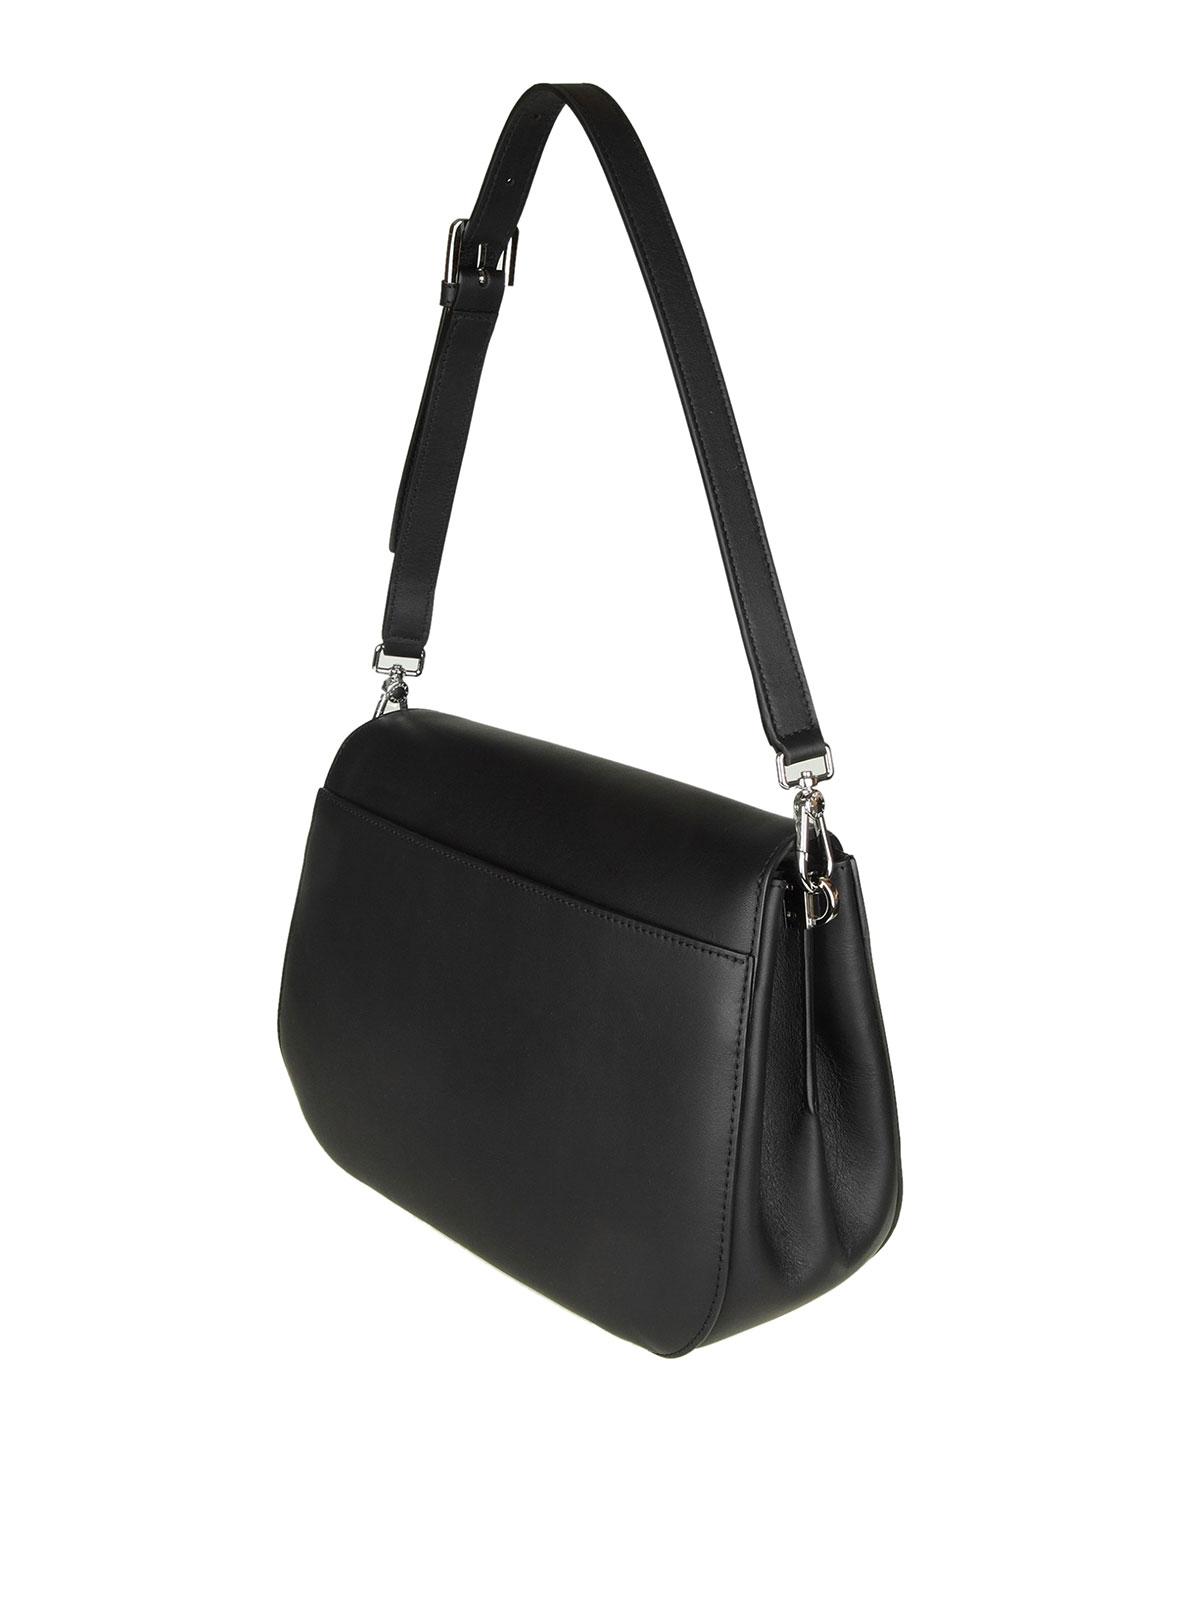 c87d0cac8c iKRIX FURLA  shoulder bags - Small Margherita black leather shoulder bag